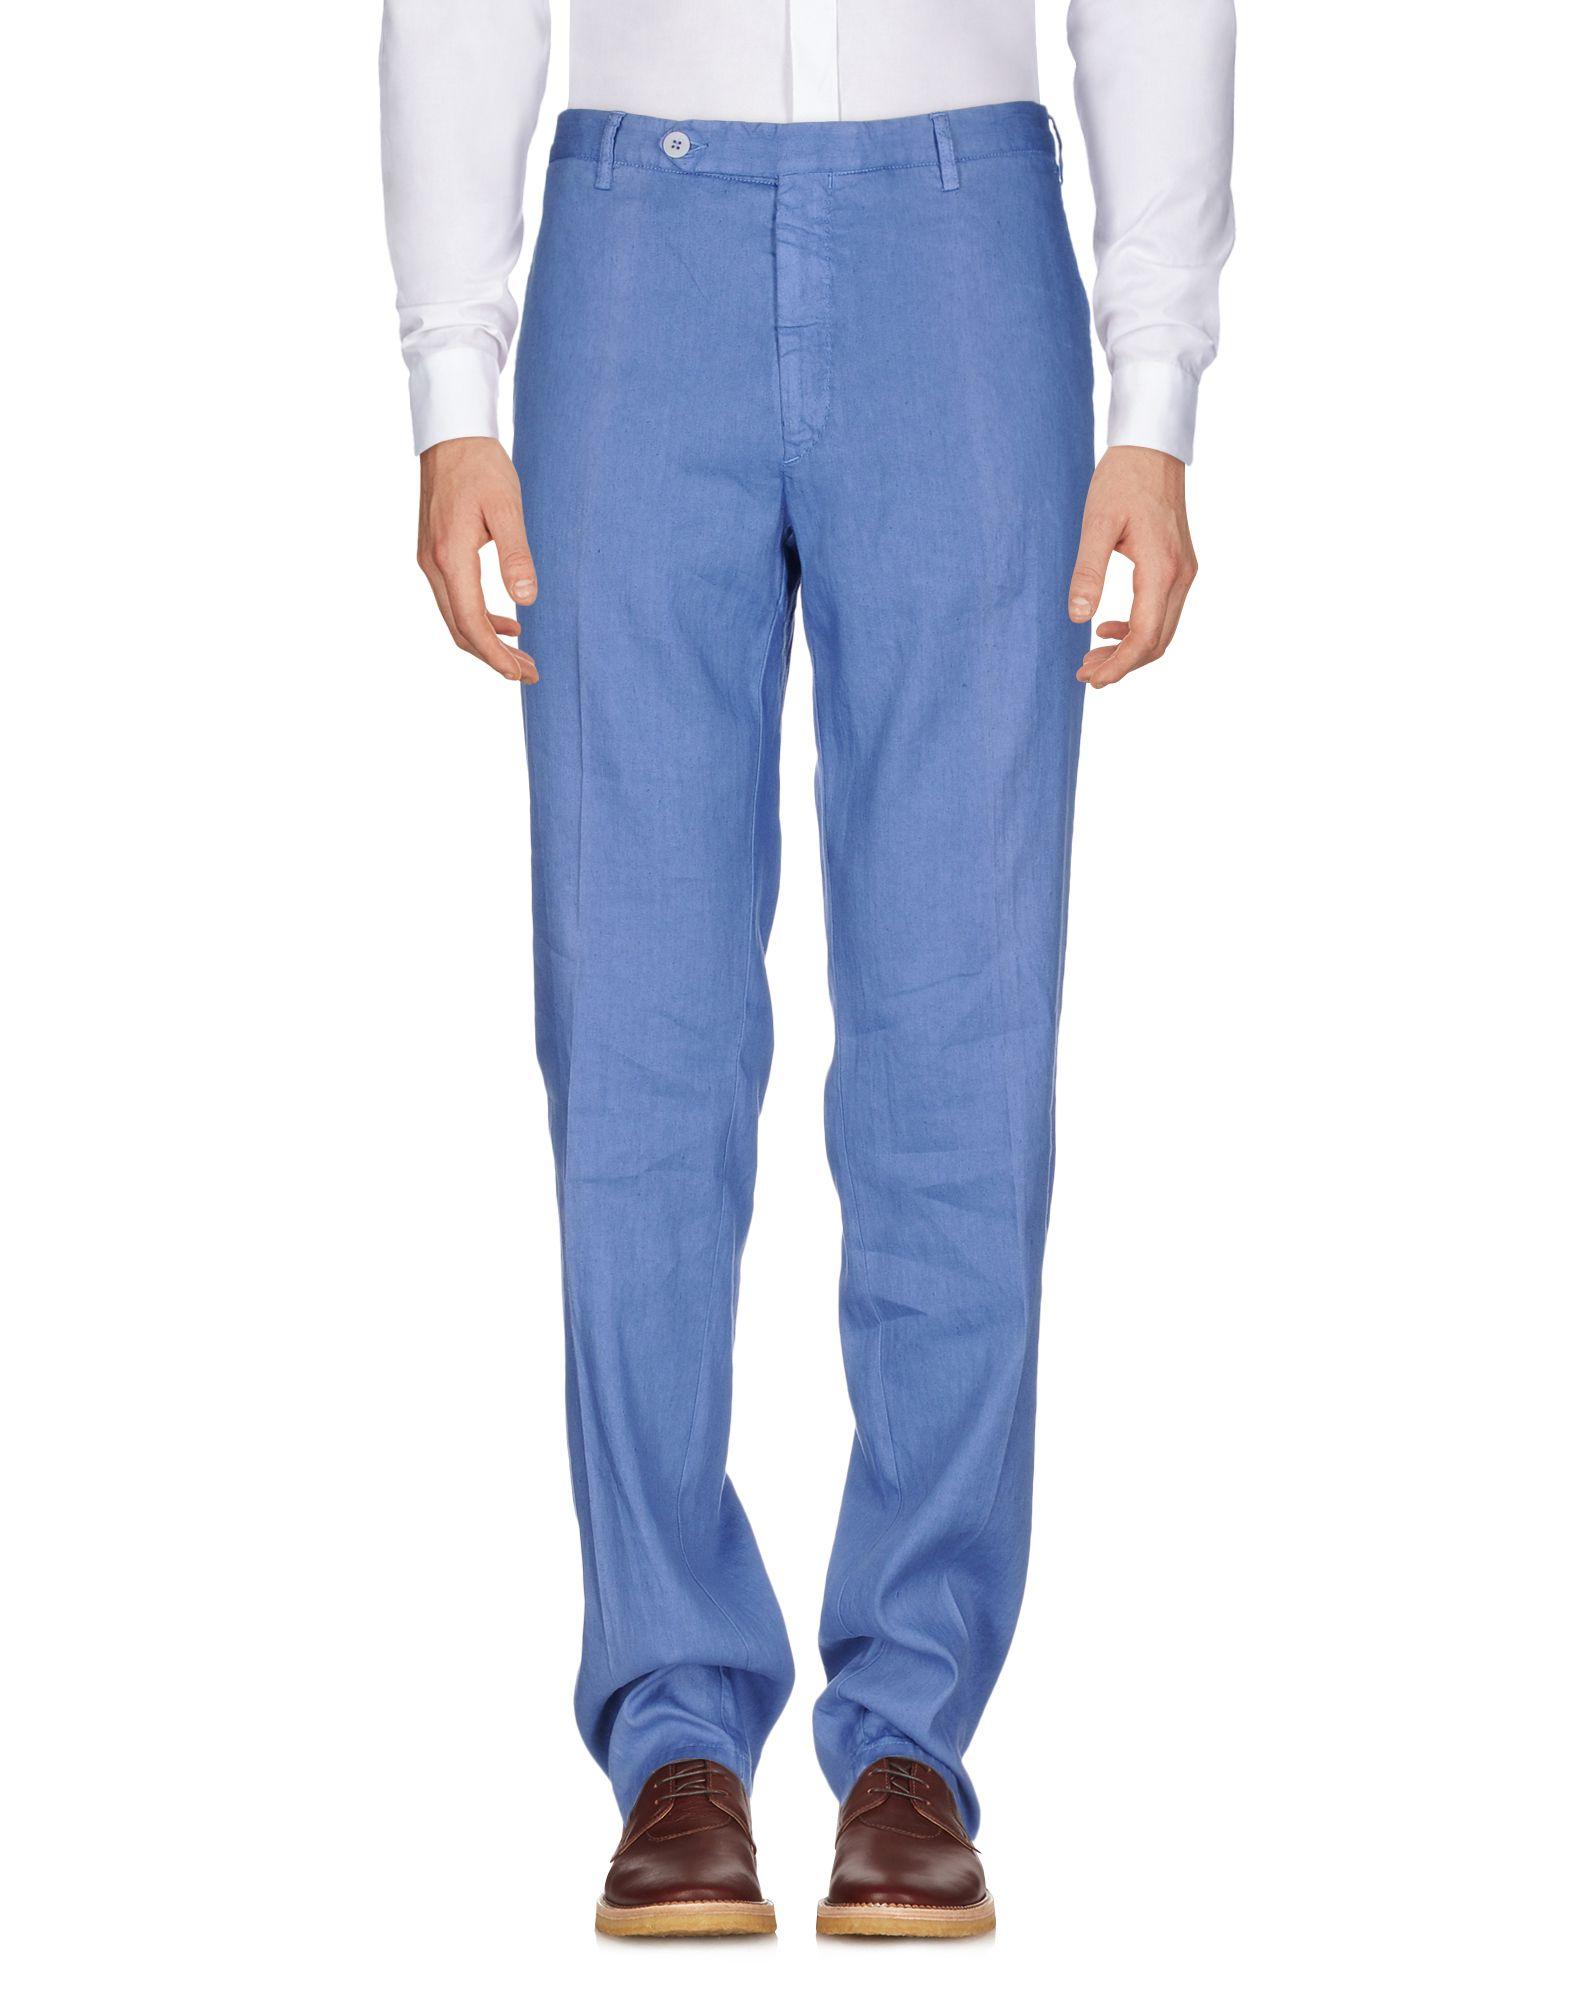 ROTASPORT Herren Hose Farbe Blau Größe 6 jetztbilligerkaufen